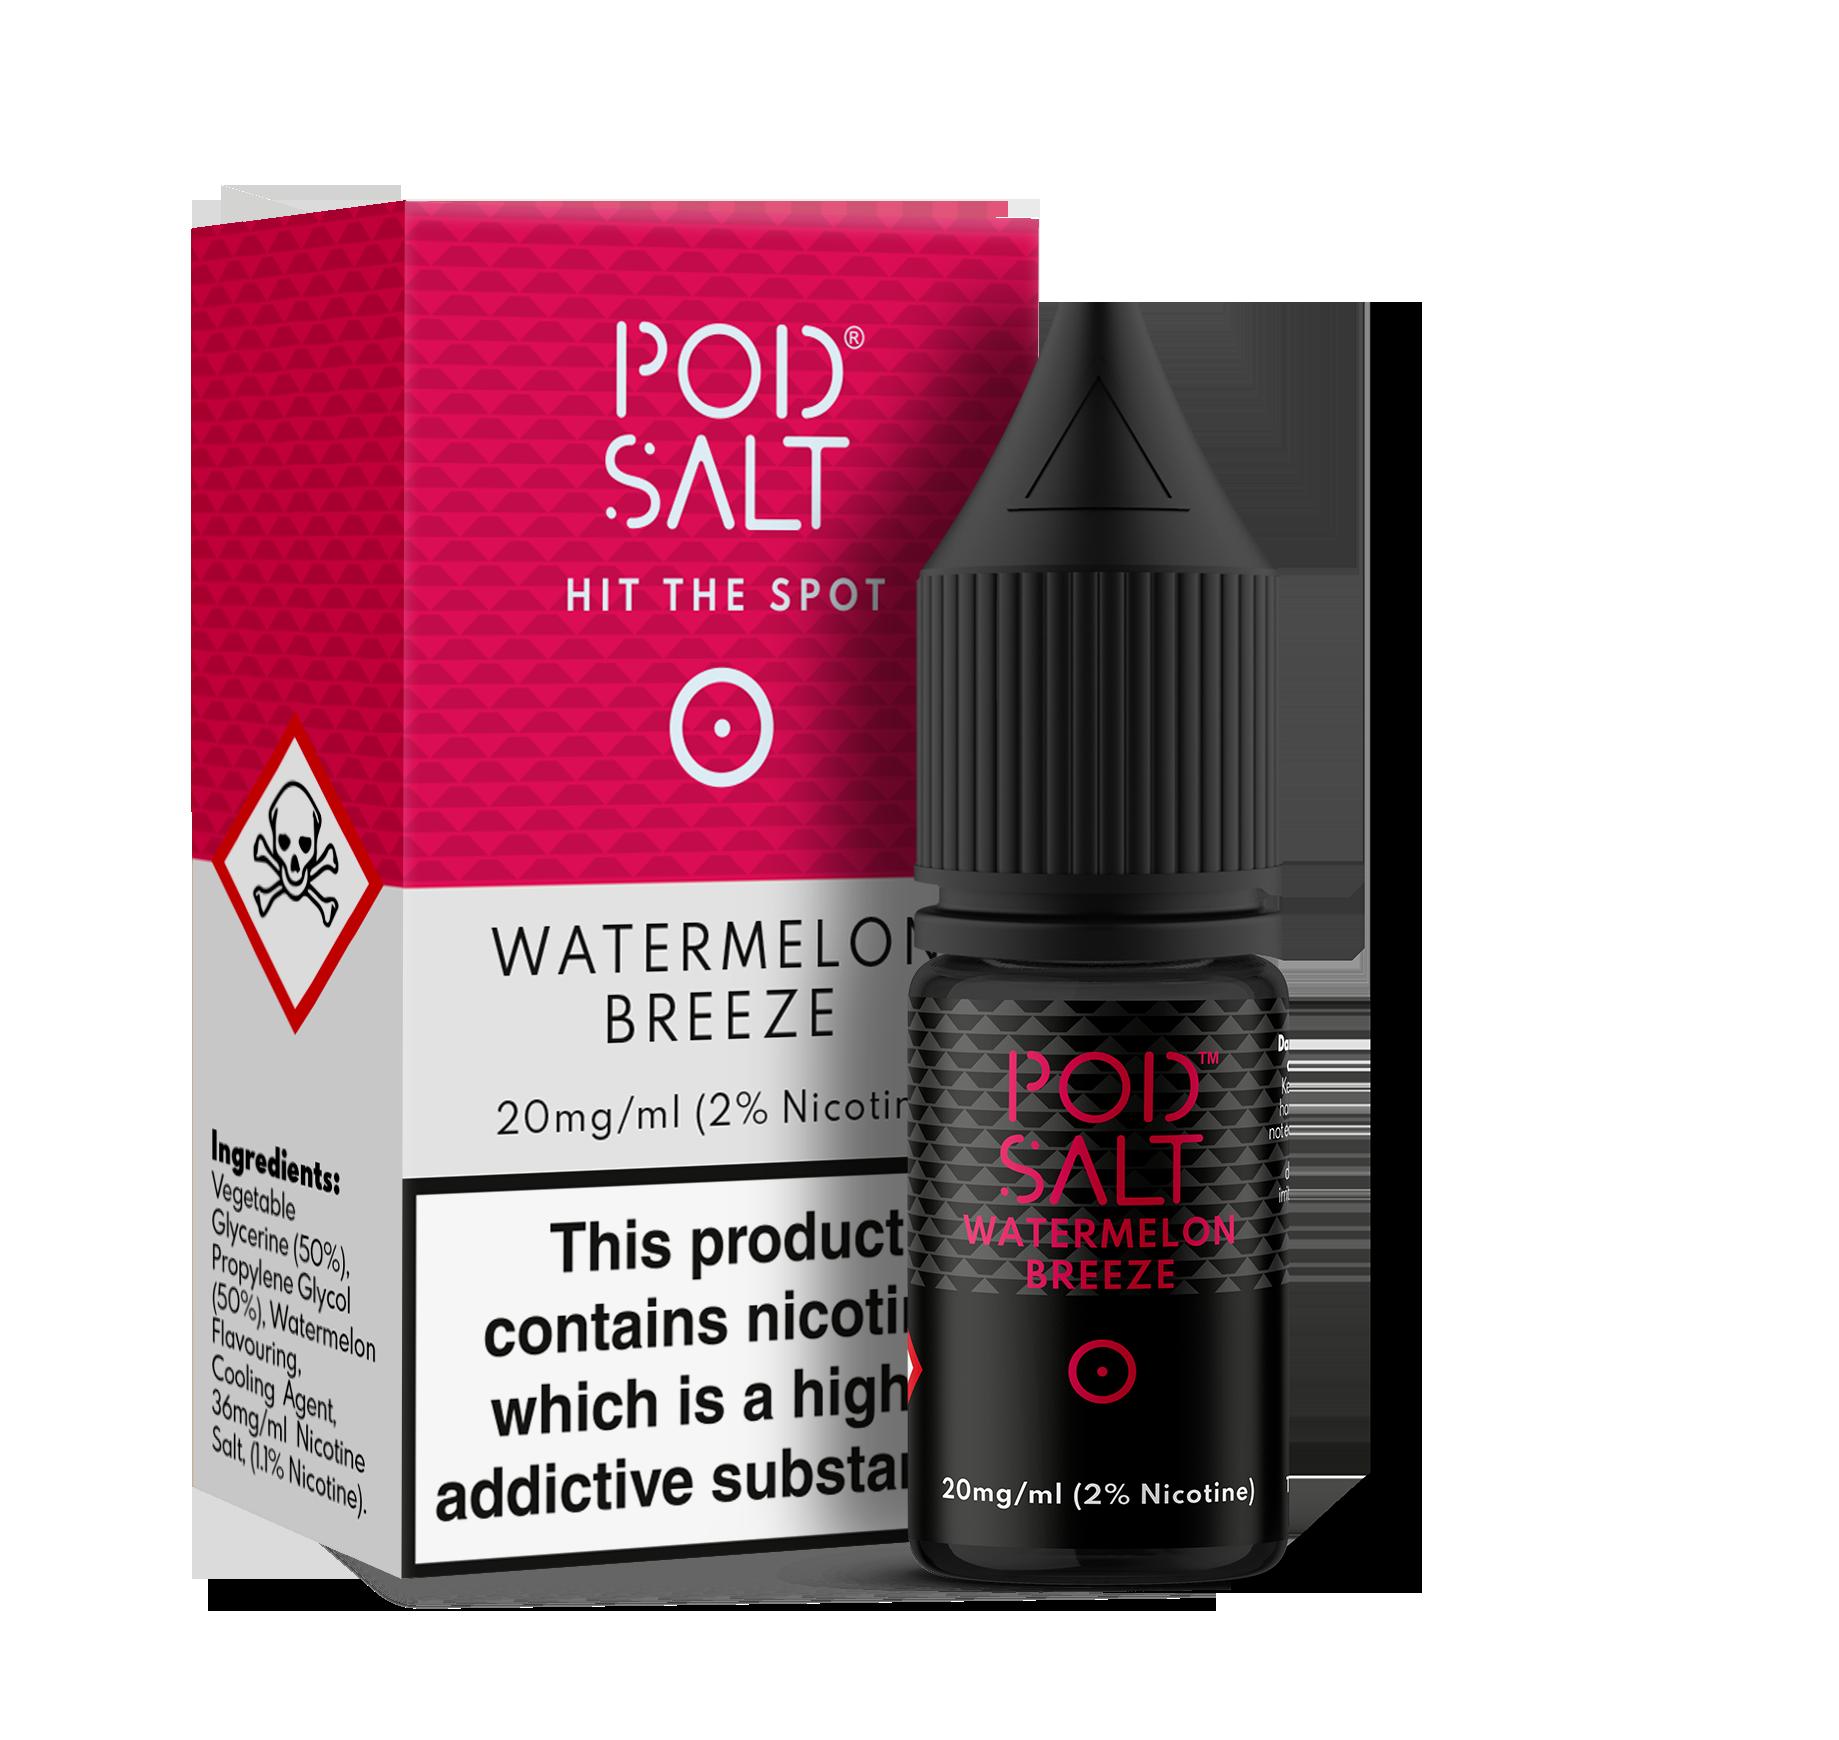 Pod Salts 11MG & 20MG - Watermelon-breeze